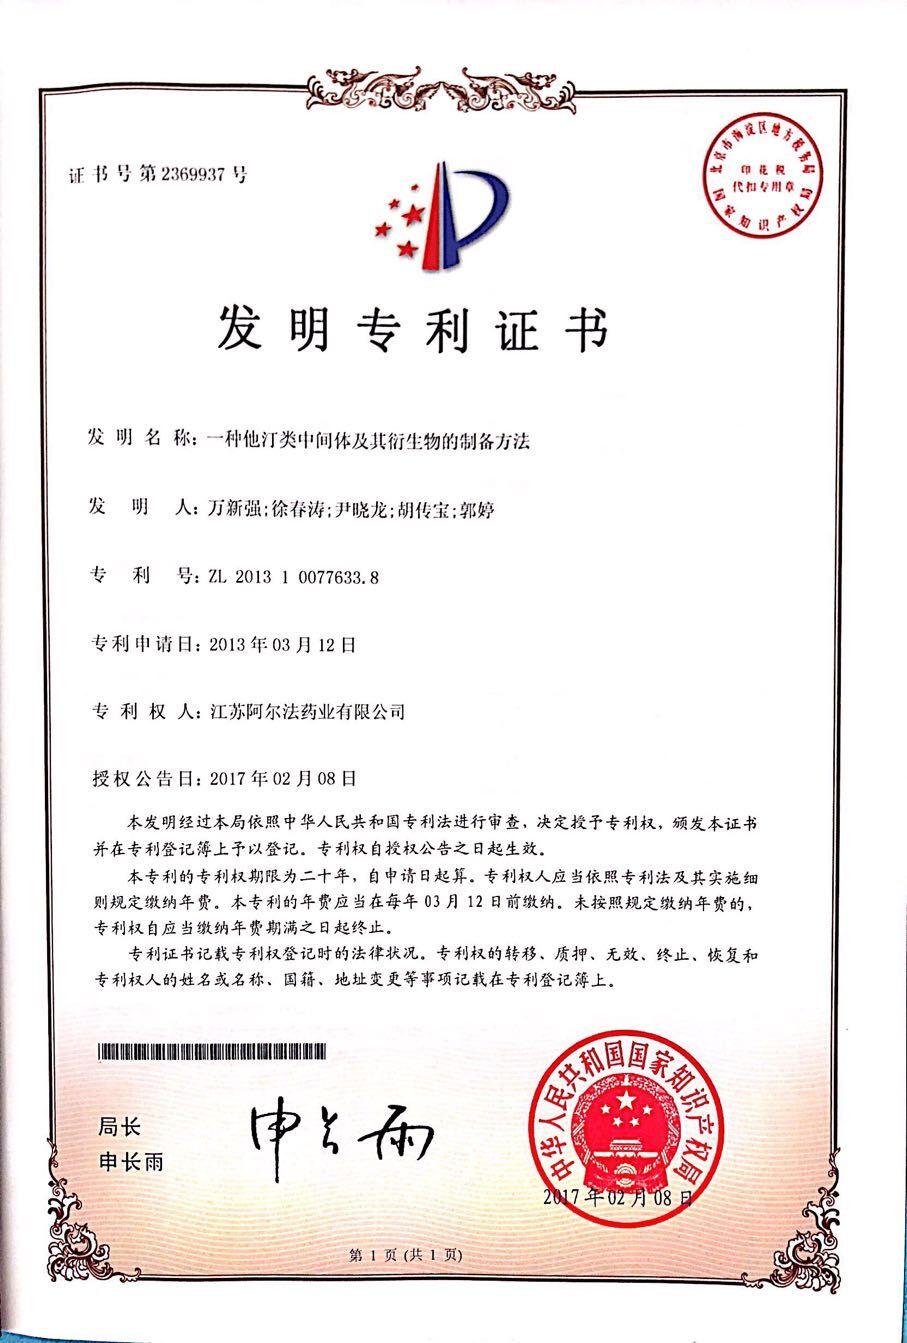 荣誉-专利-16.一种他汀类中间体及其衍生物的制备方法